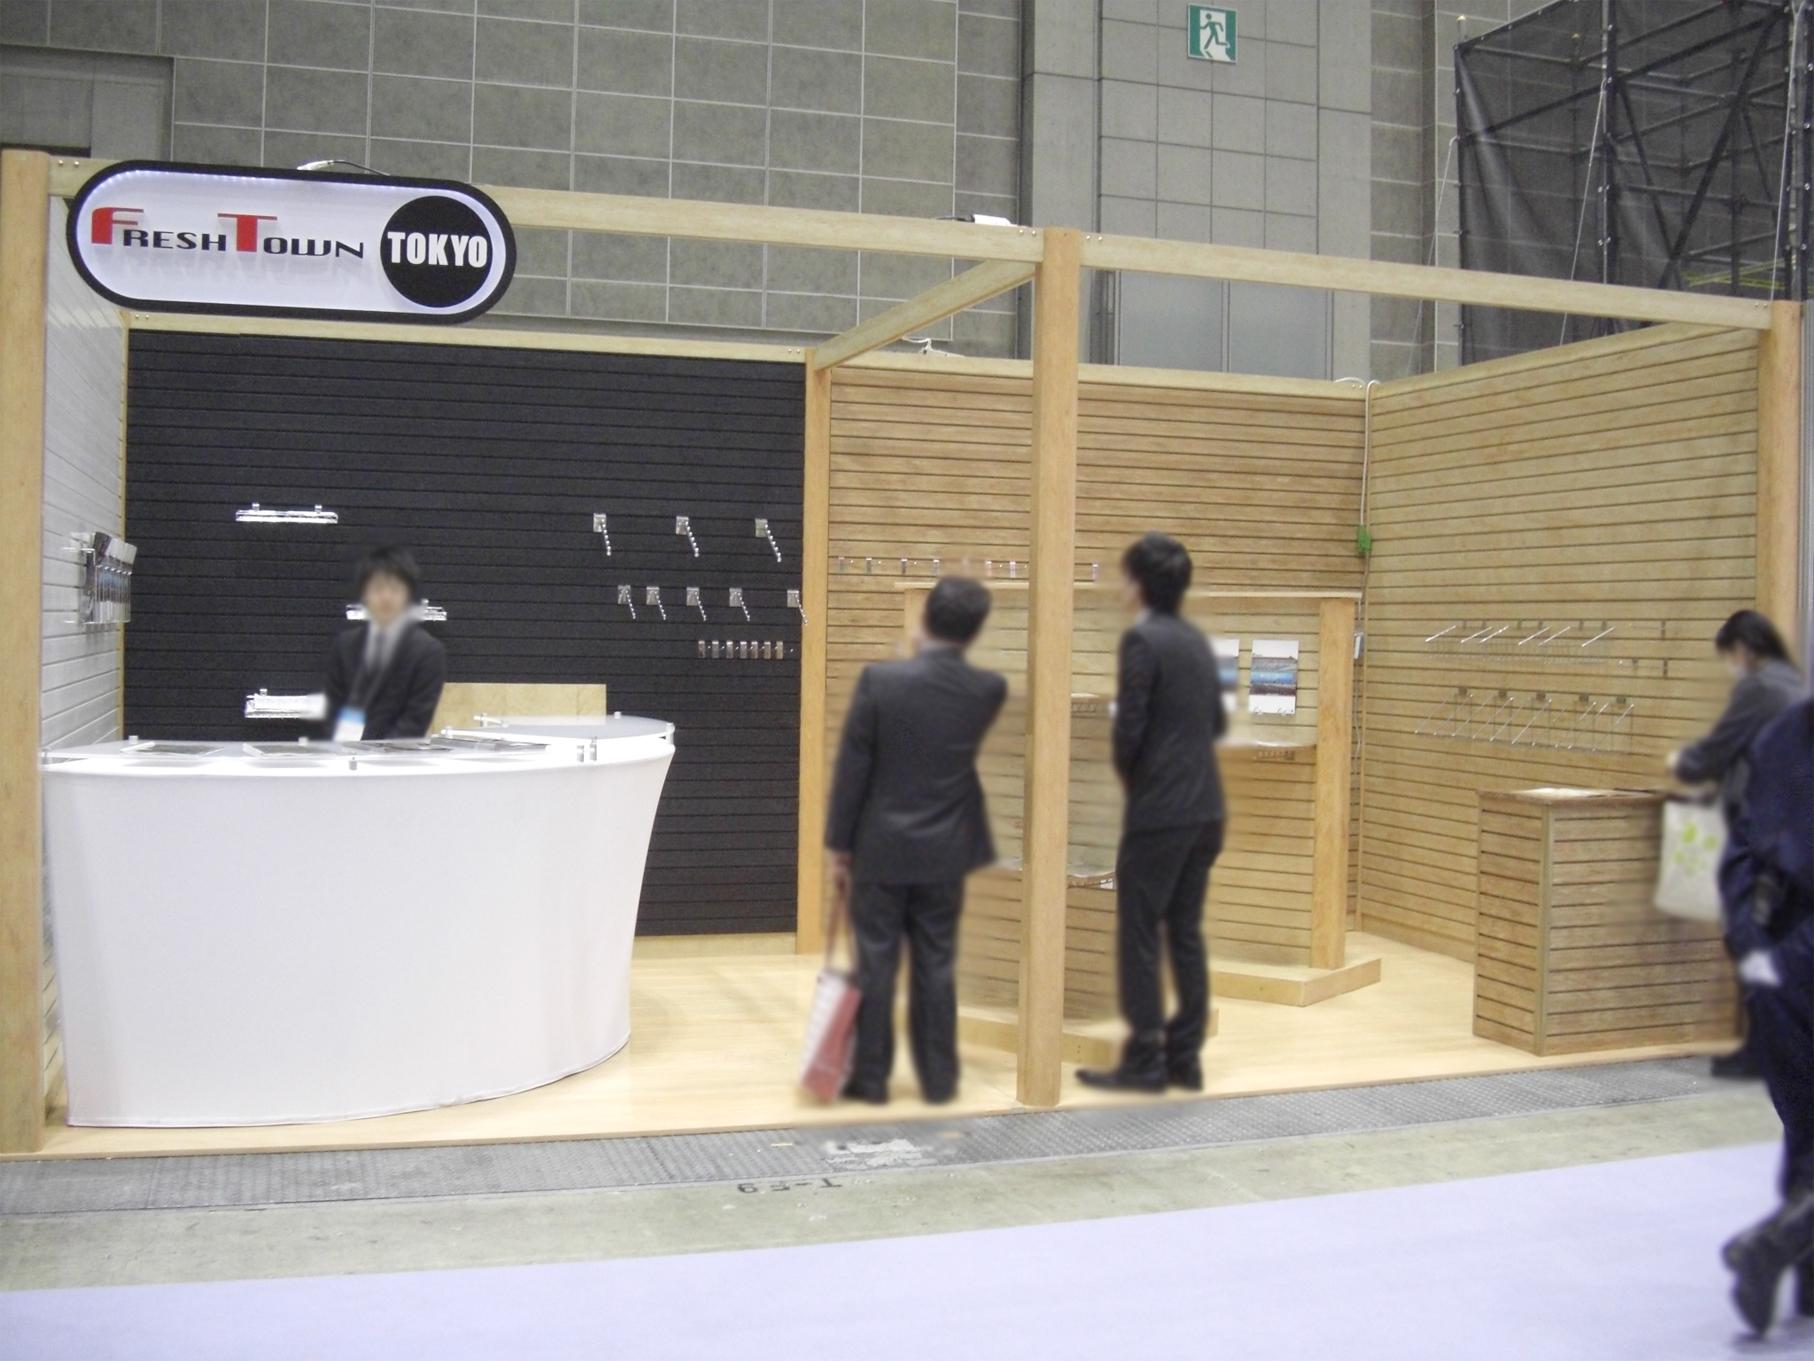 第3回国際イベント総合展 2011<br />東京ビッグサイト / 自社ブース(6Mx3M)